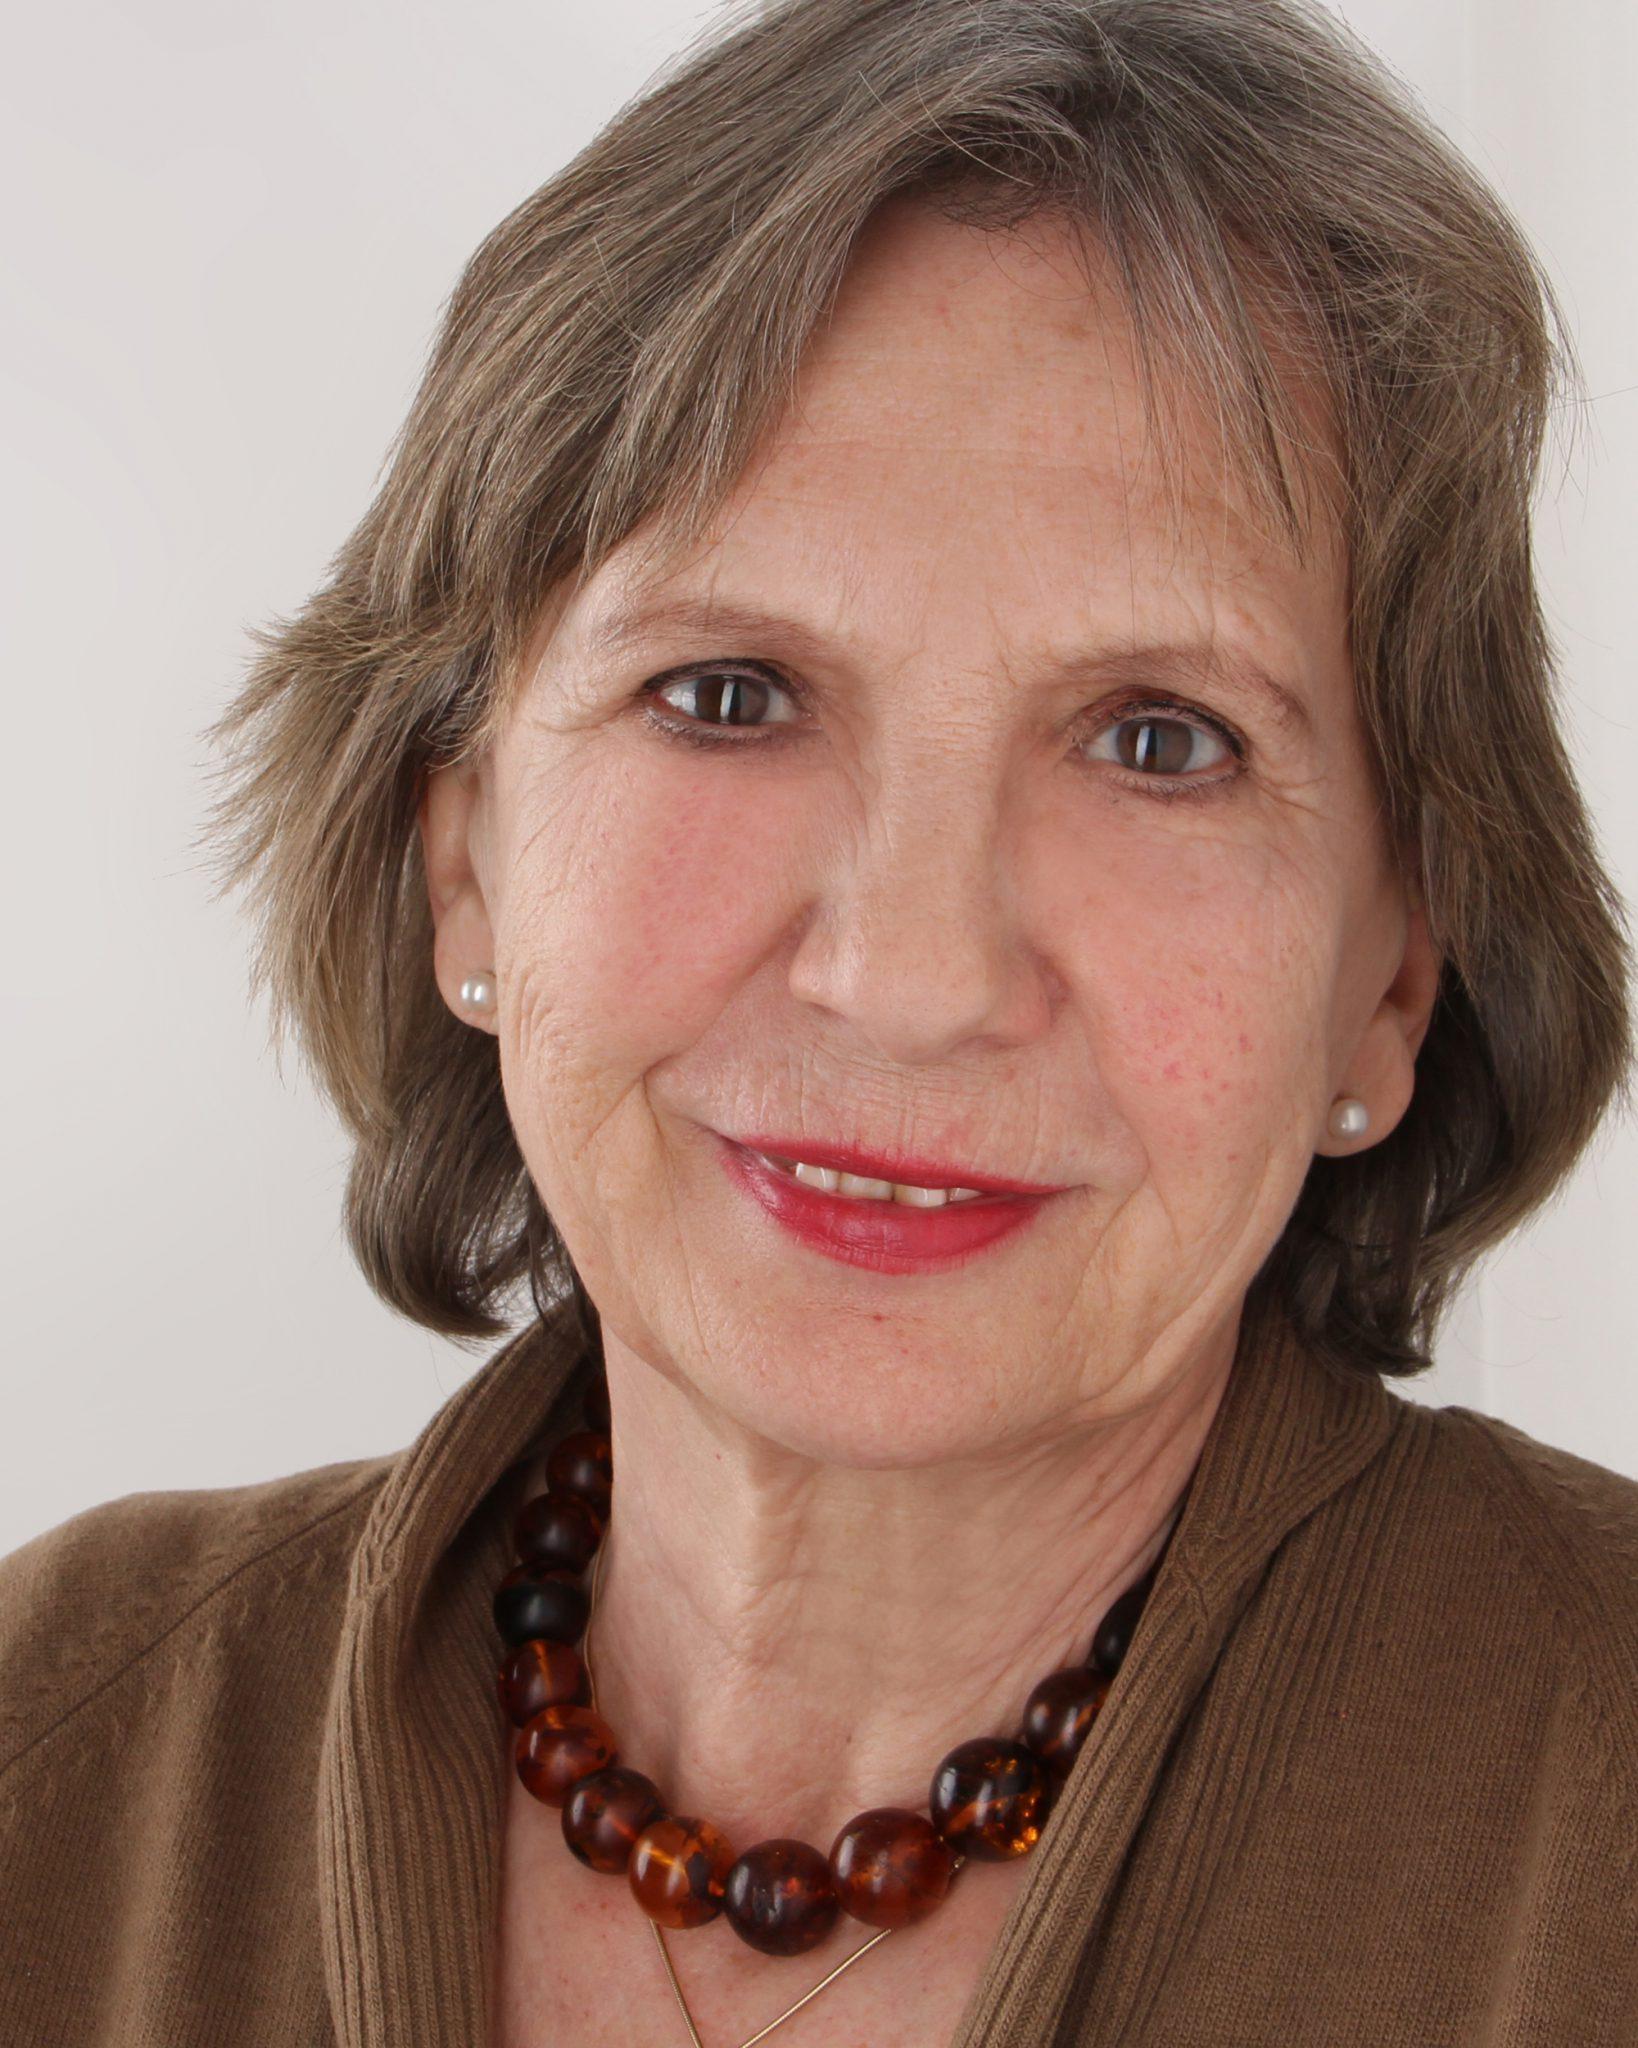 Freya von Stülpnagel